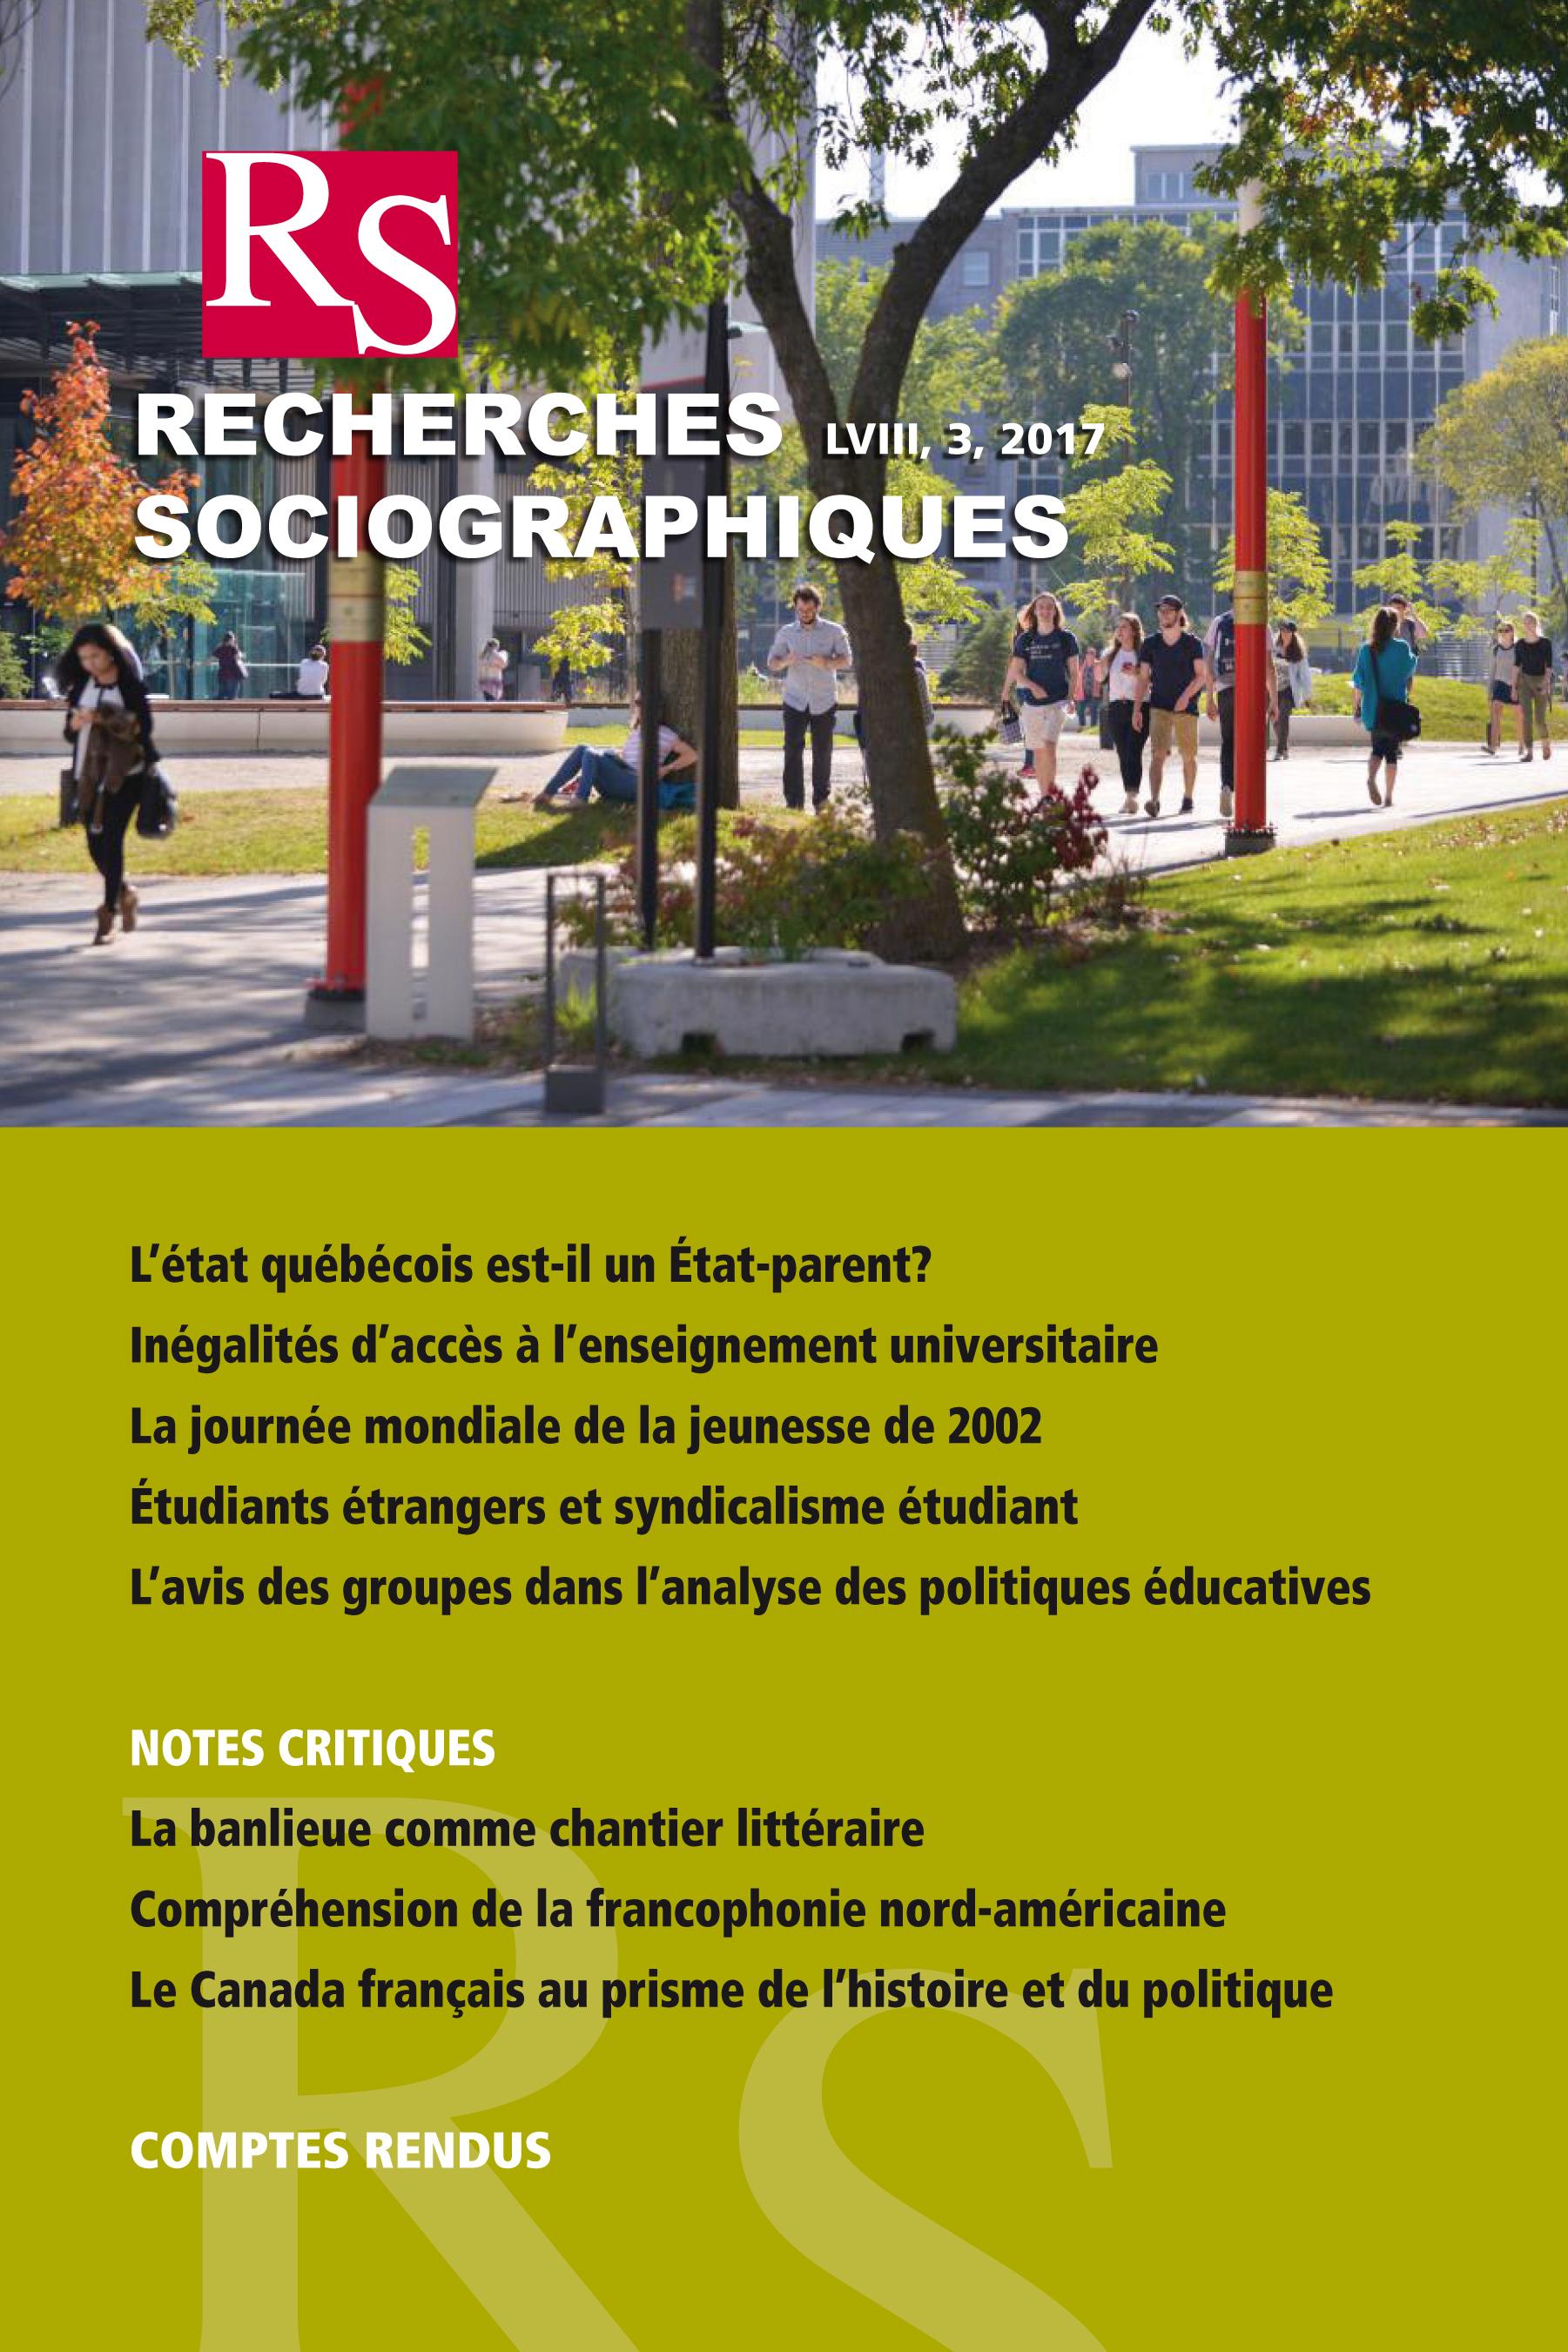 Recherches sociographiques. Vol. 58 No. 3, Septembre–Décembre 2017